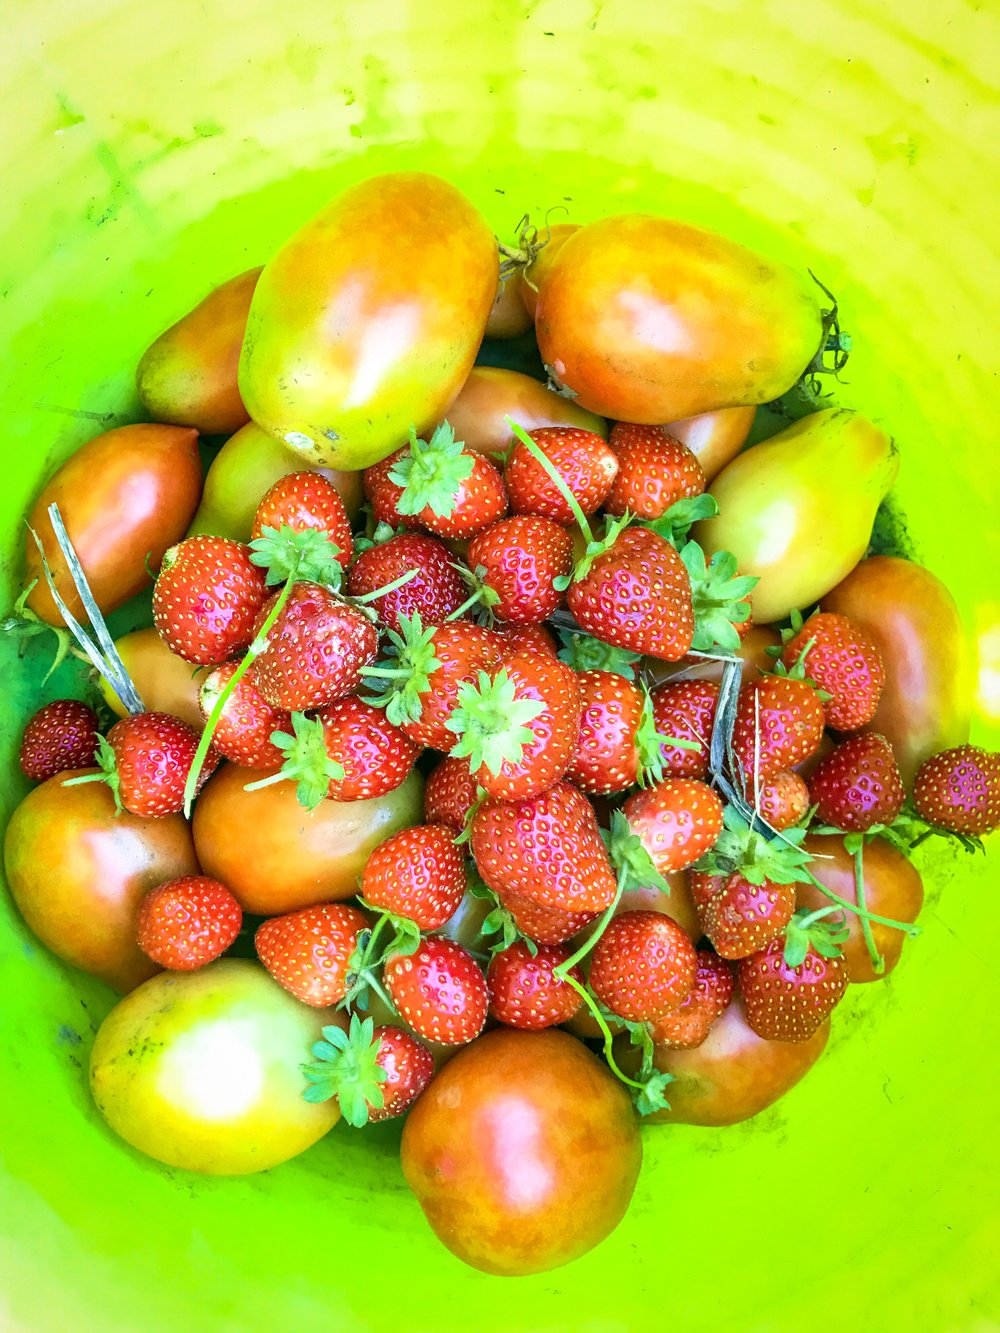 So many tomatoes n strawberries!